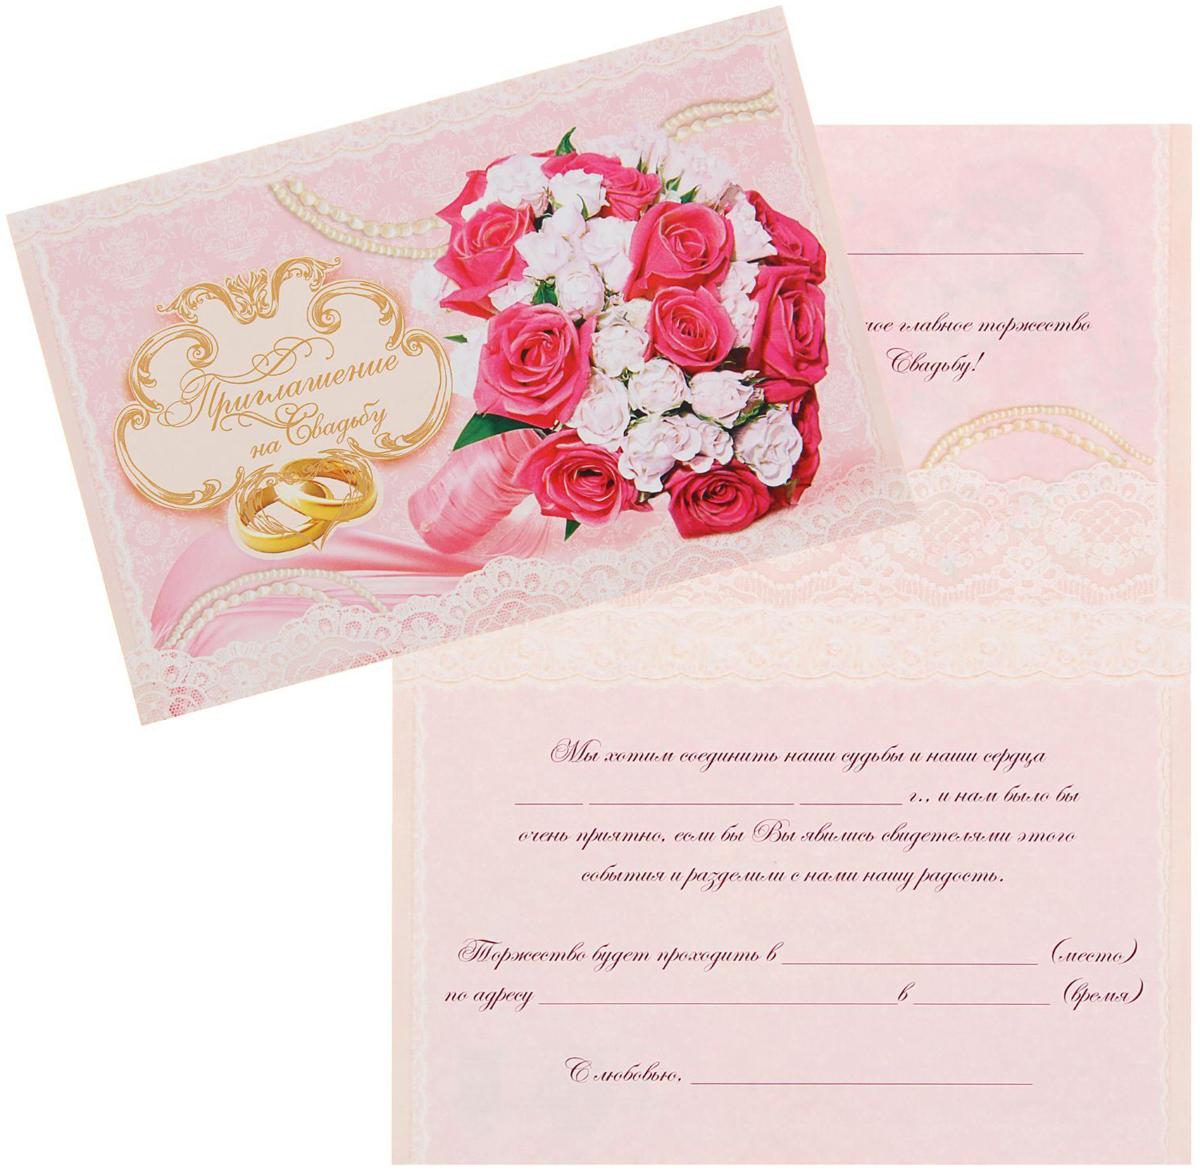 Приглашение на свадьбу Свадьба вашей мечты Букет невесты, 18 х 12 см приглашение на свадьбу с тиснением золотом кольца